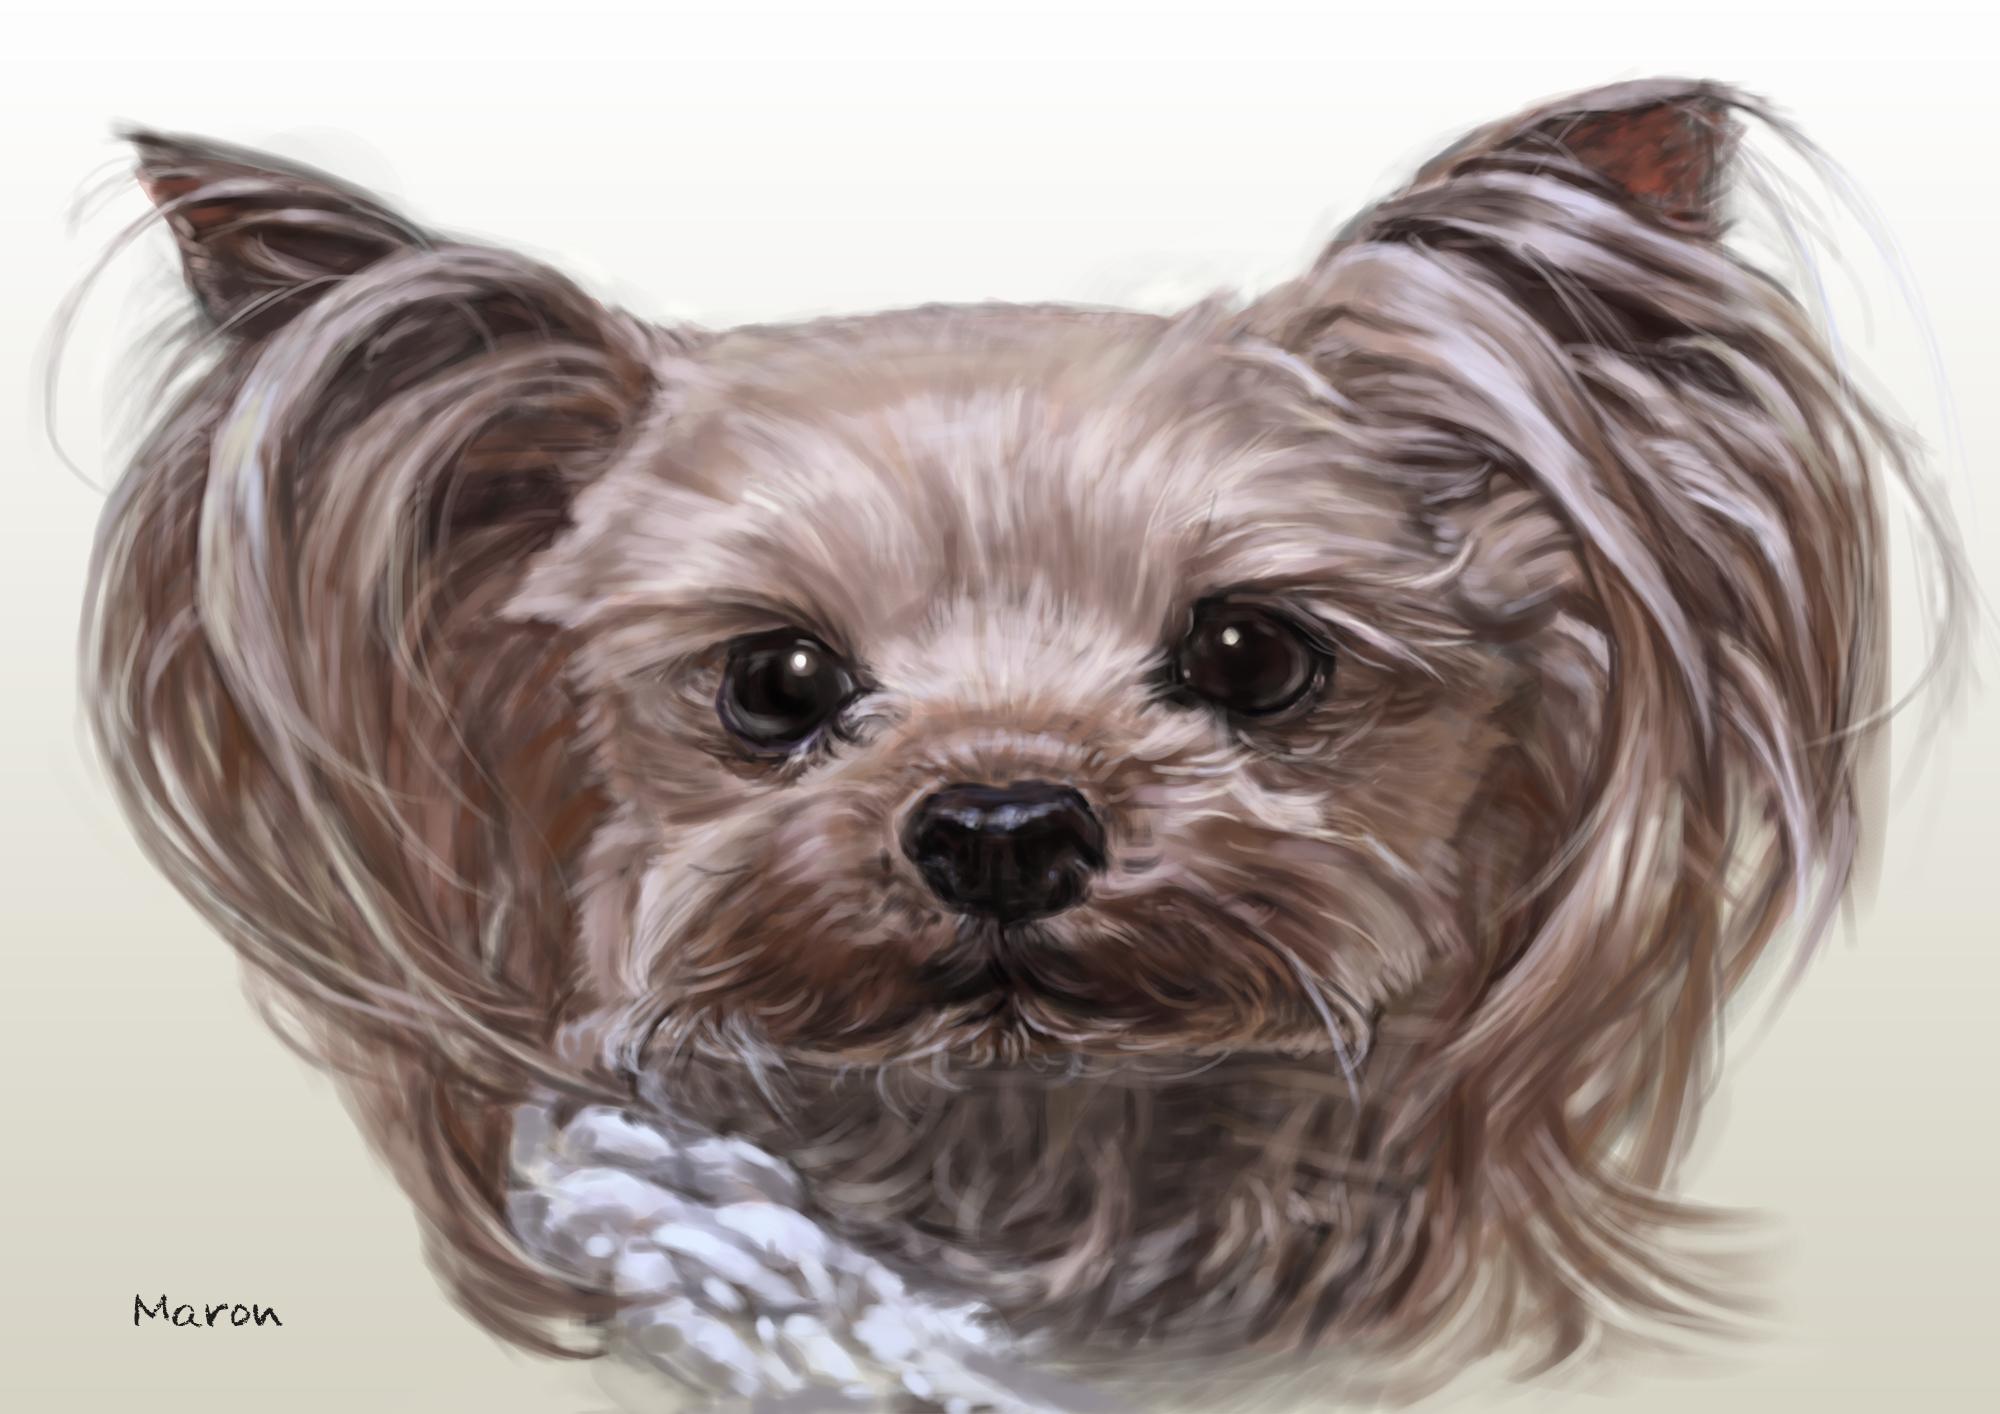 ペットの肖像画、動物の絵